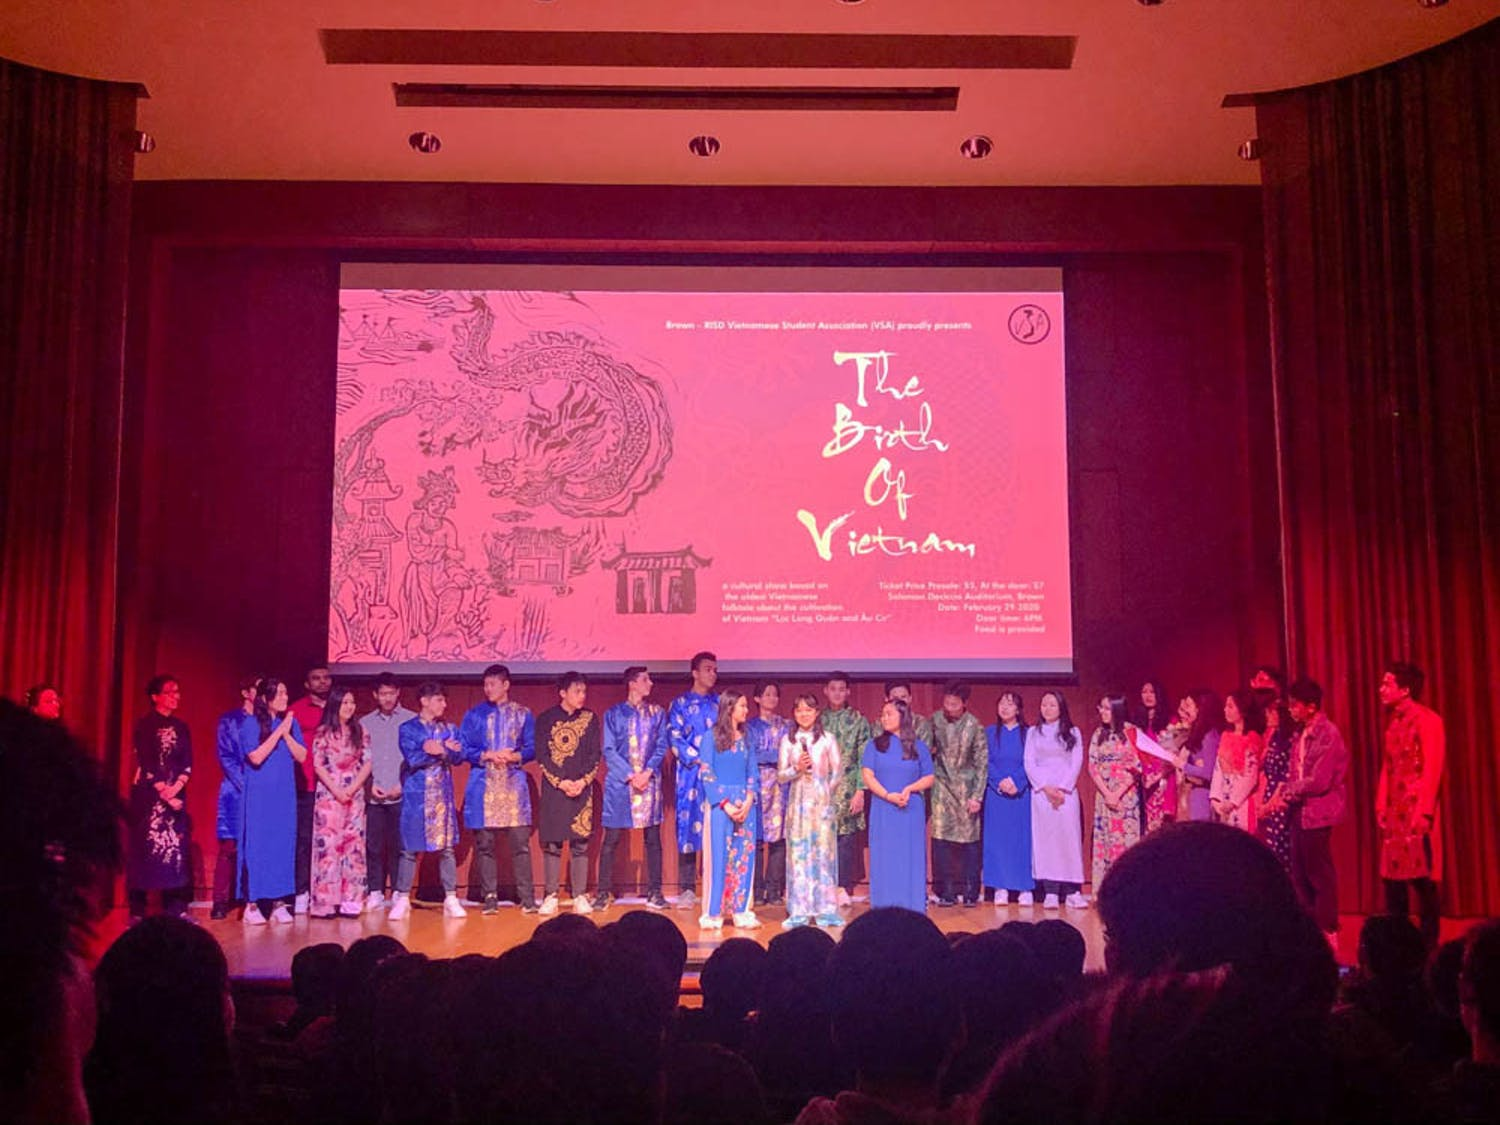 Chou_VSA-Culture-Show-2_Victoria-Yin